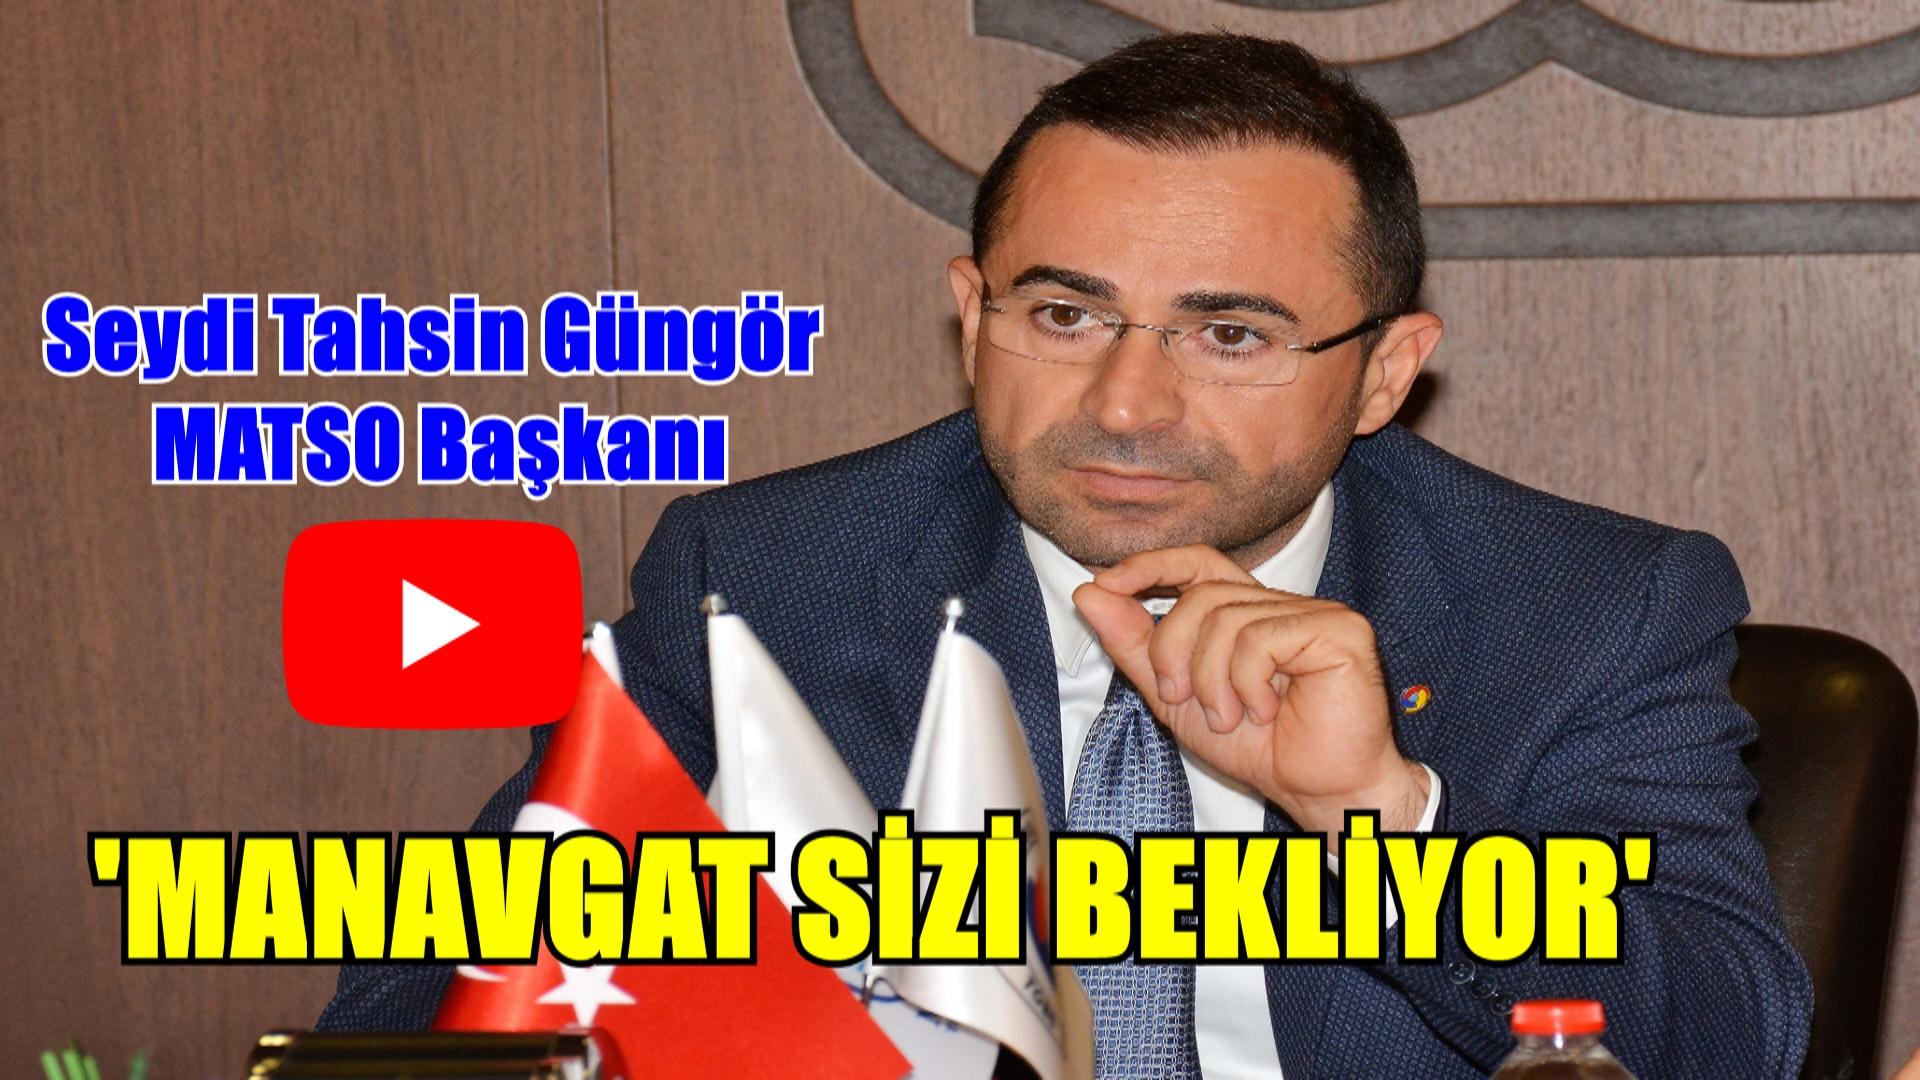 MATSO'DAN TÜRKİYE'YE ÇAĞRI !